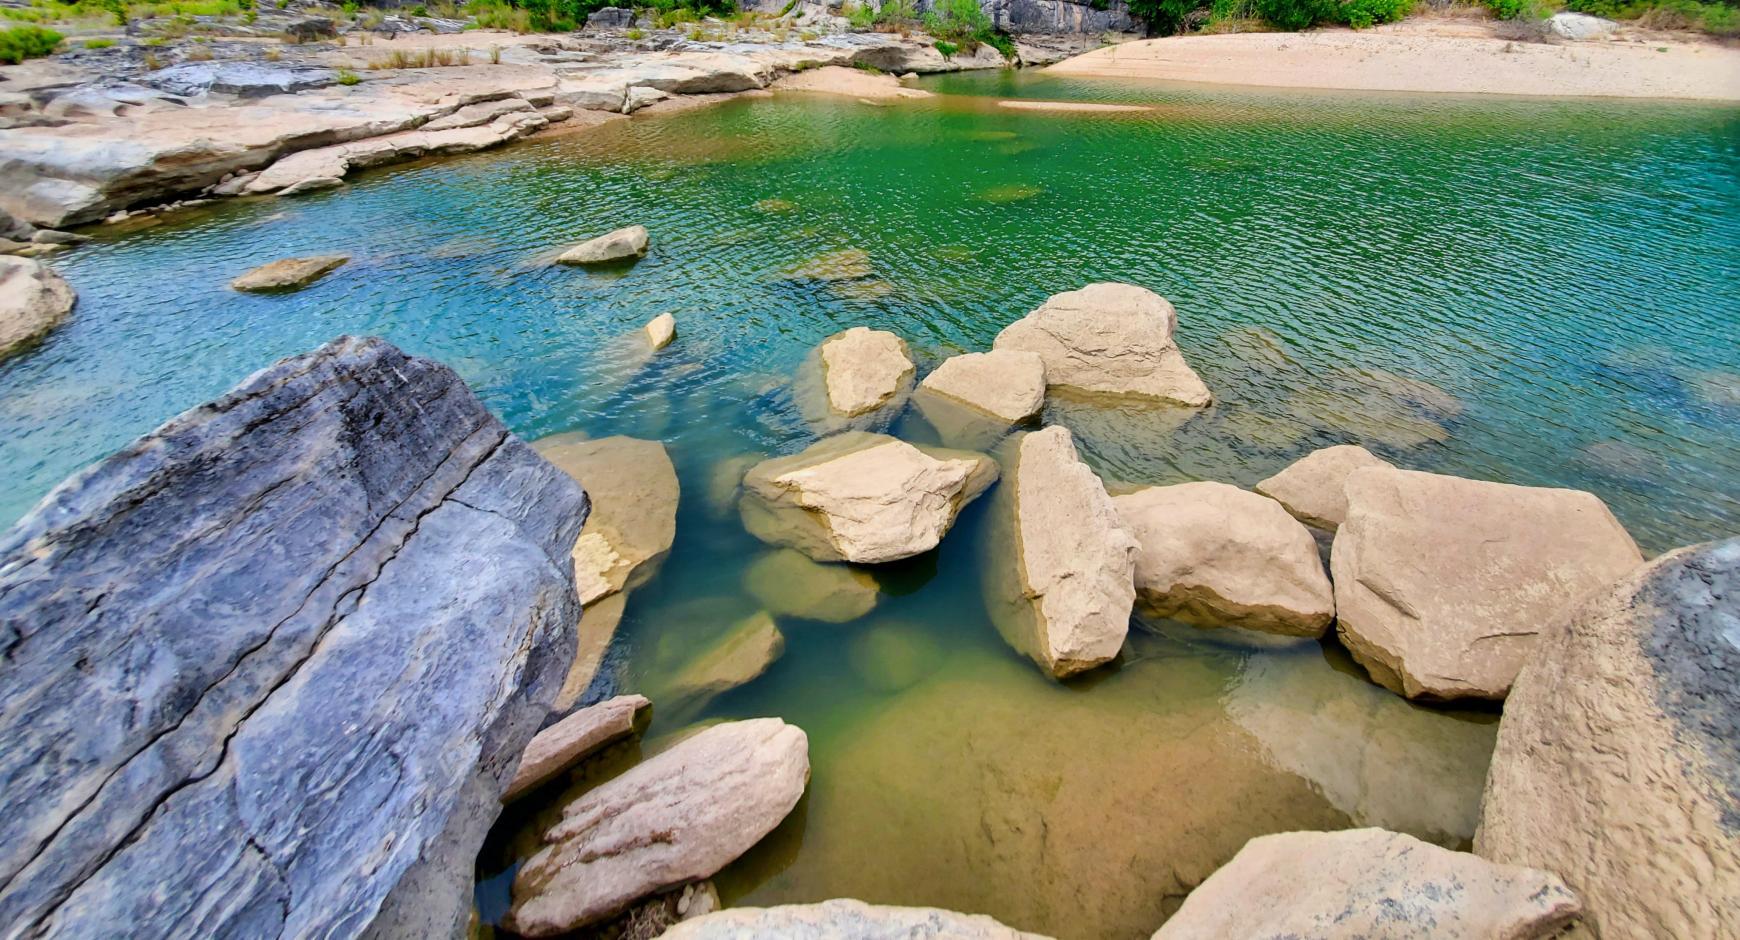 Rocks in a river. Credit: Kyle Vena, Unsplash